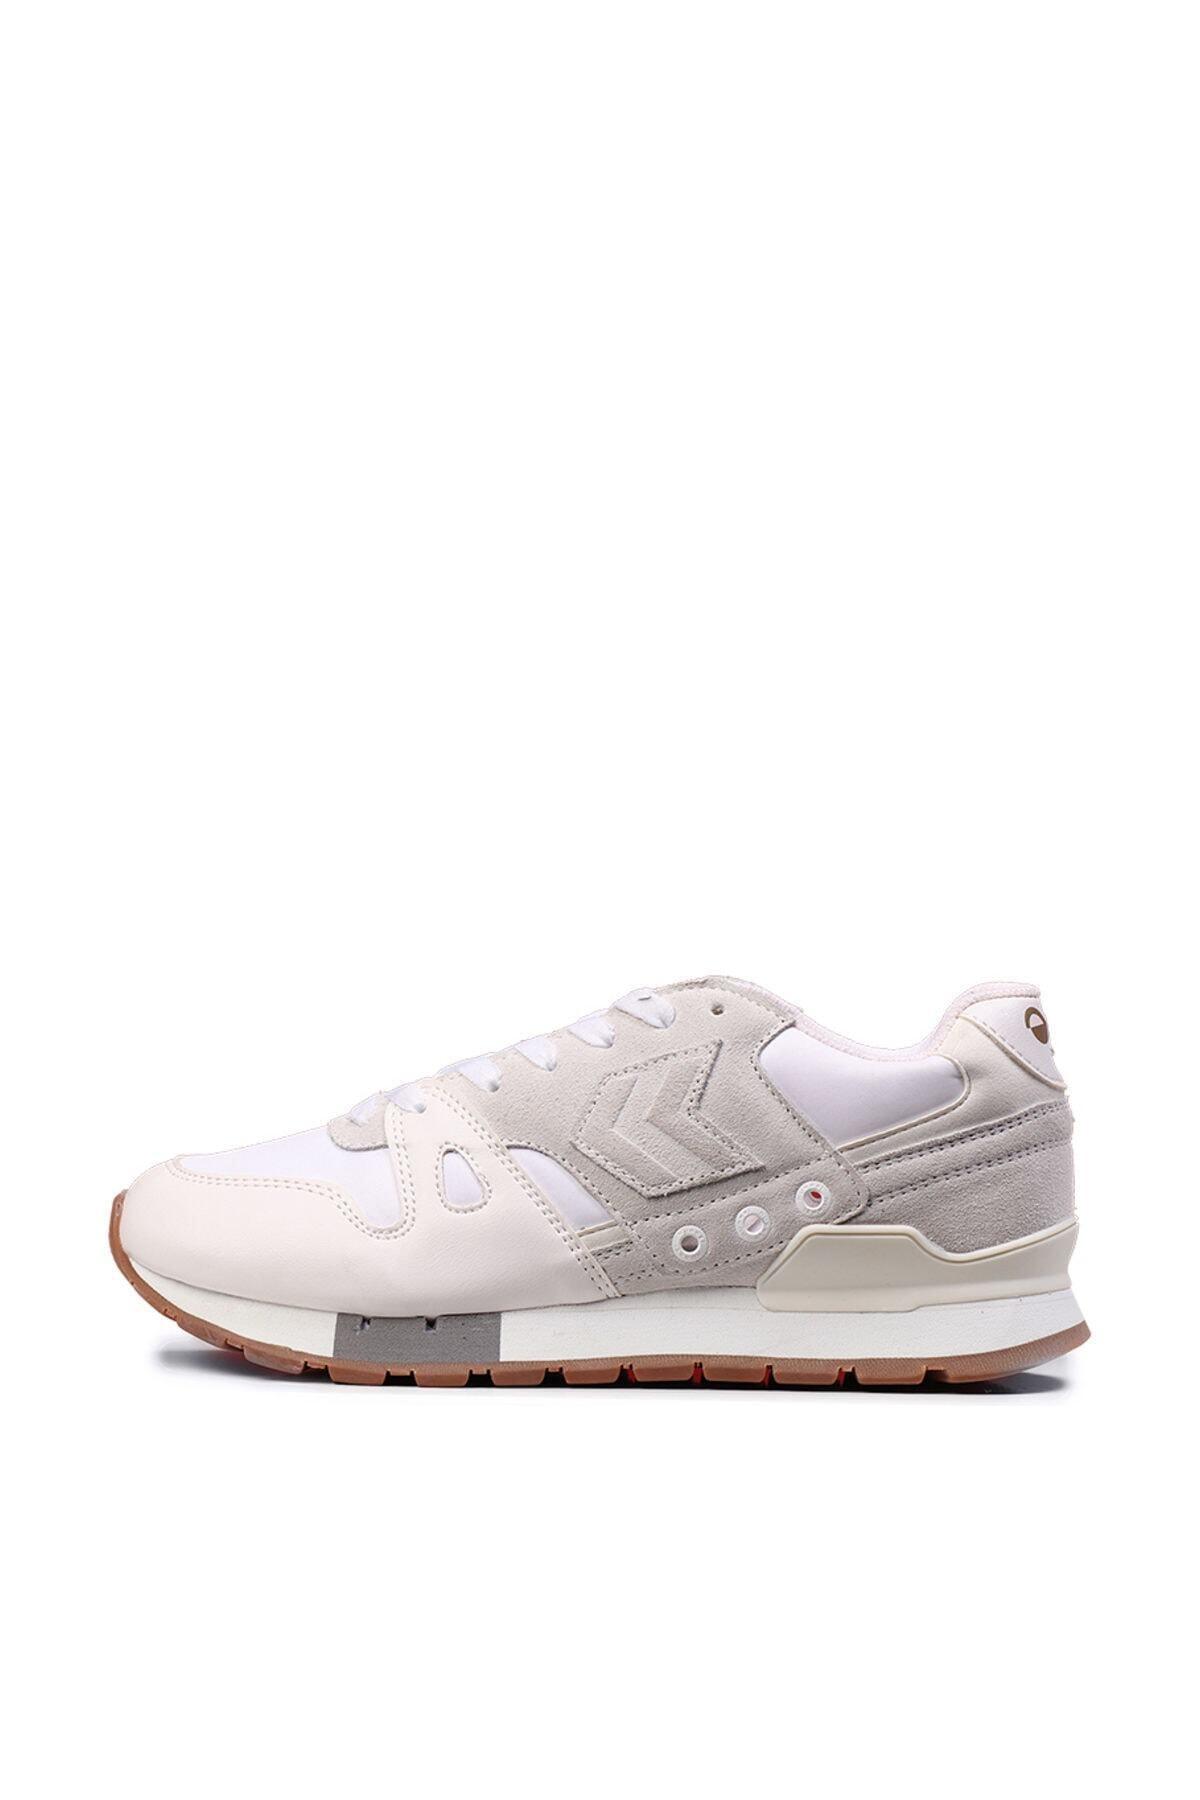 HUMMEL Marathona Kadın-erkek Ayakkabı 206309-9001 1